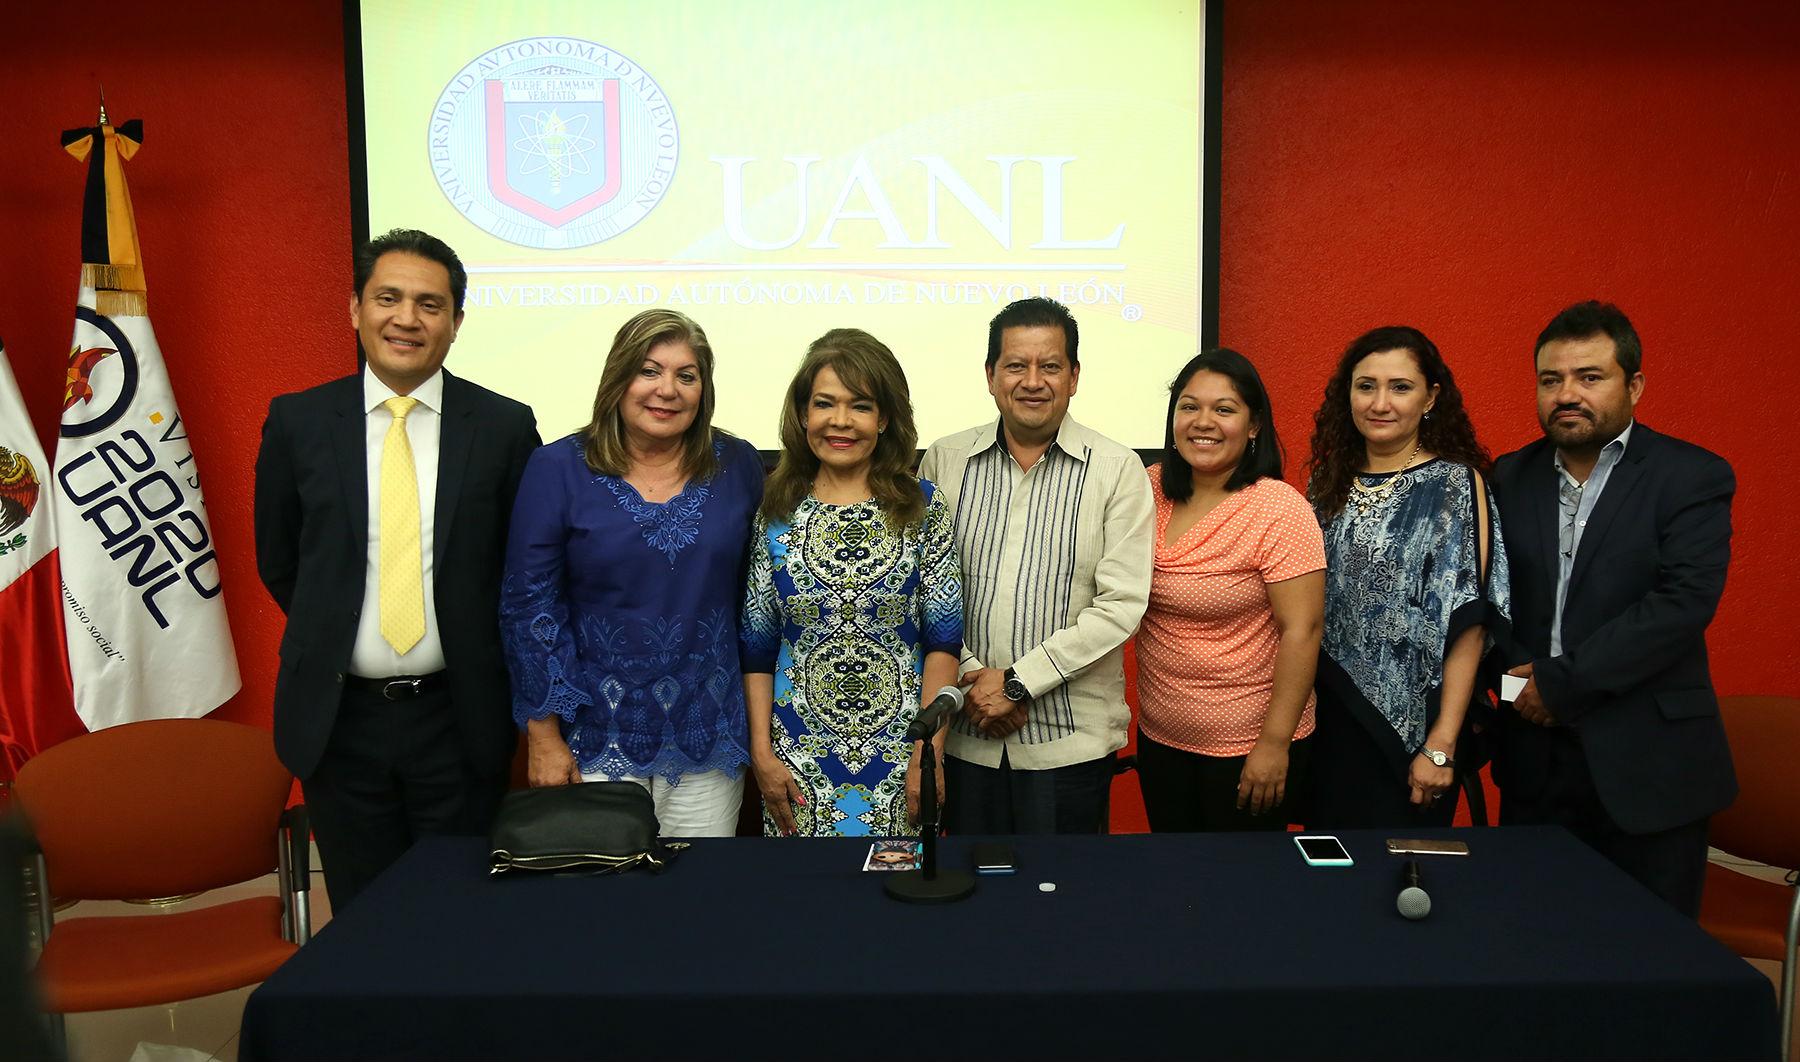 Legisladores federales y de Nuevo León